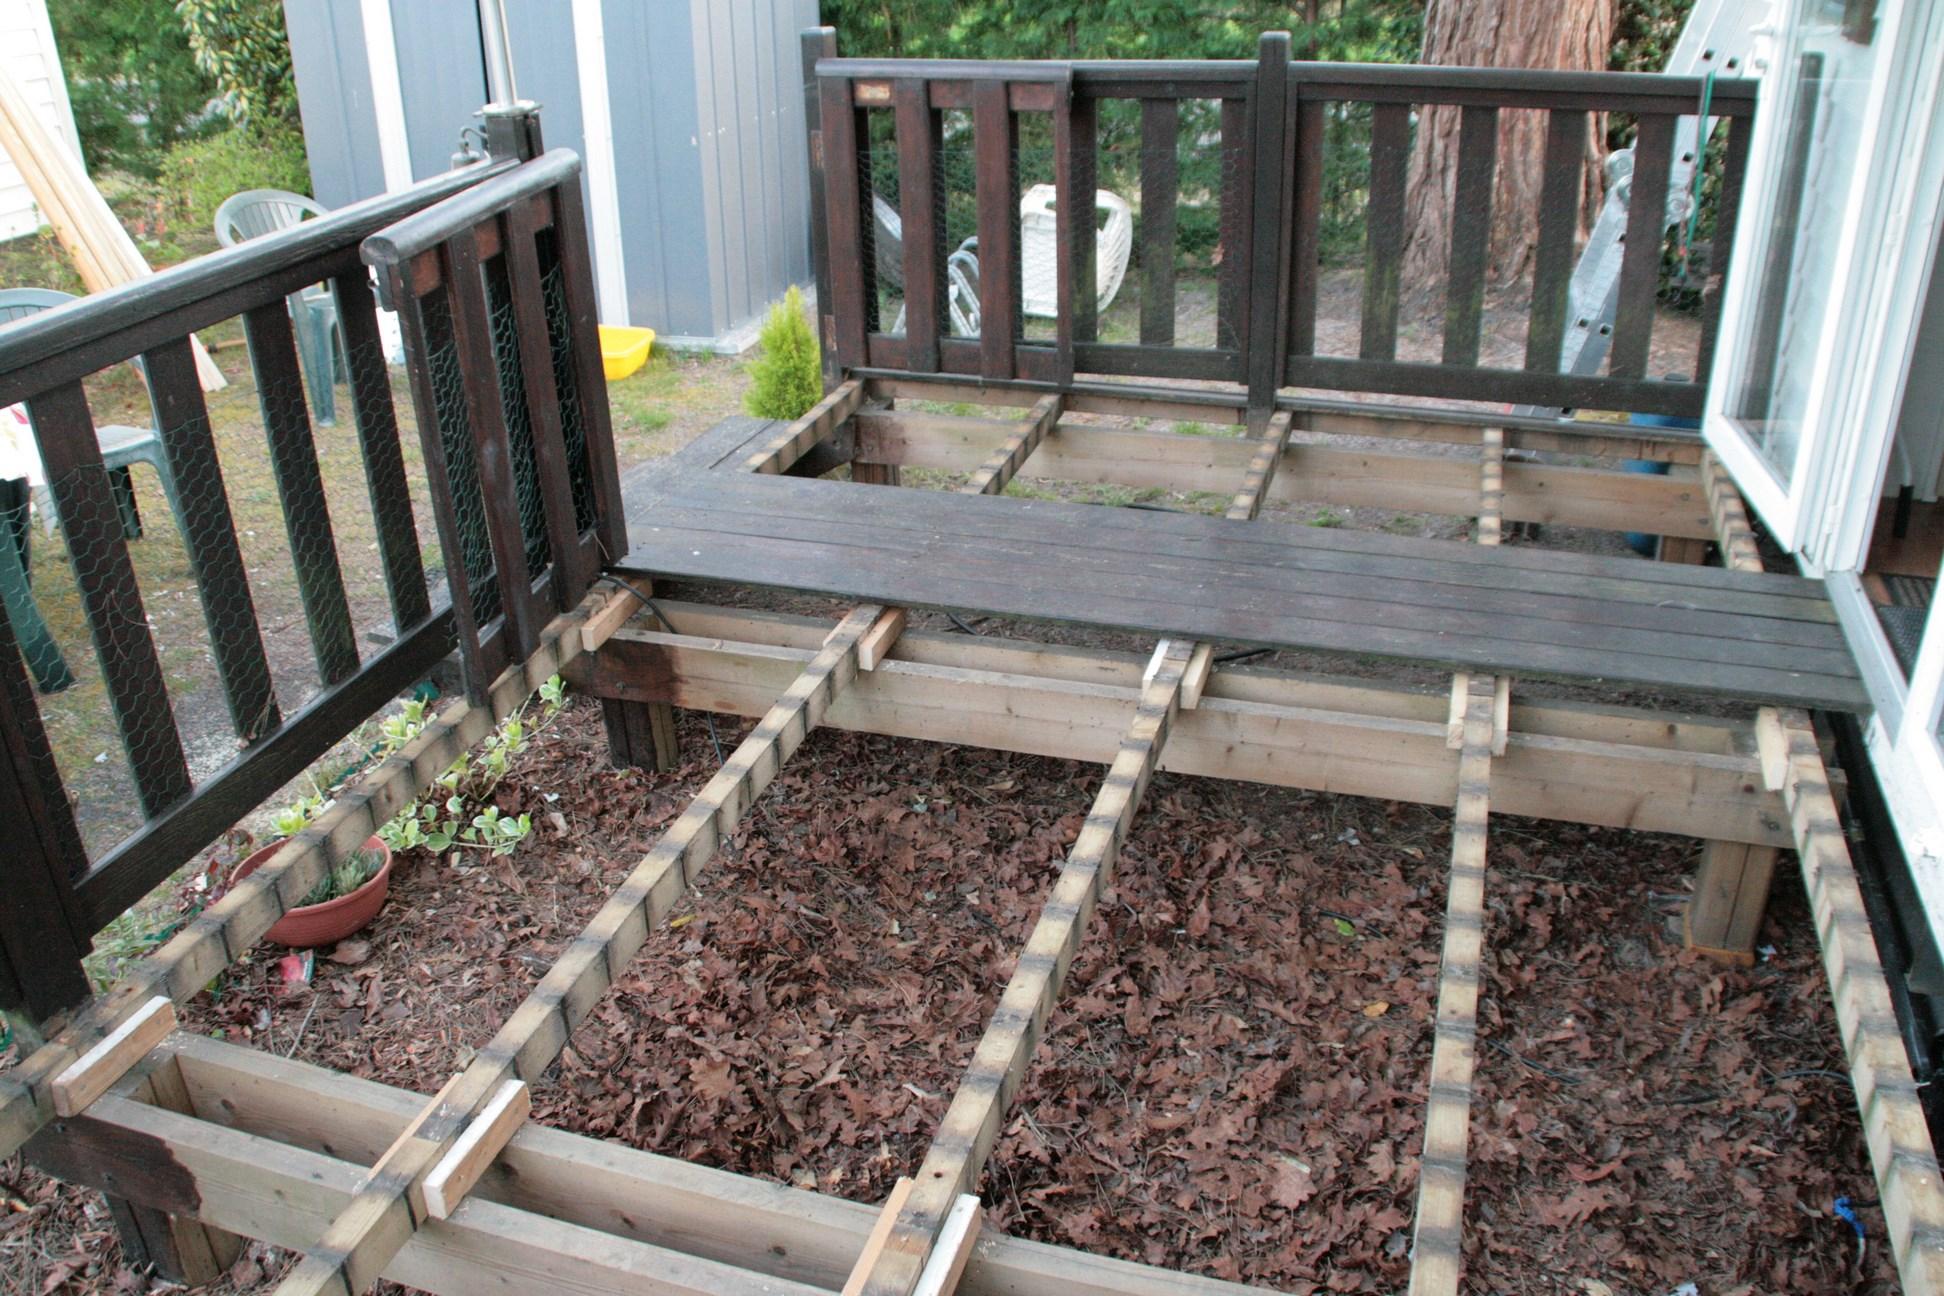 Nivrem com = Entretien Terrasse Bois Mobil Home ~ Diverses idées de conception de patio en bois  # Terrasse En Bois Pour Mobil Home